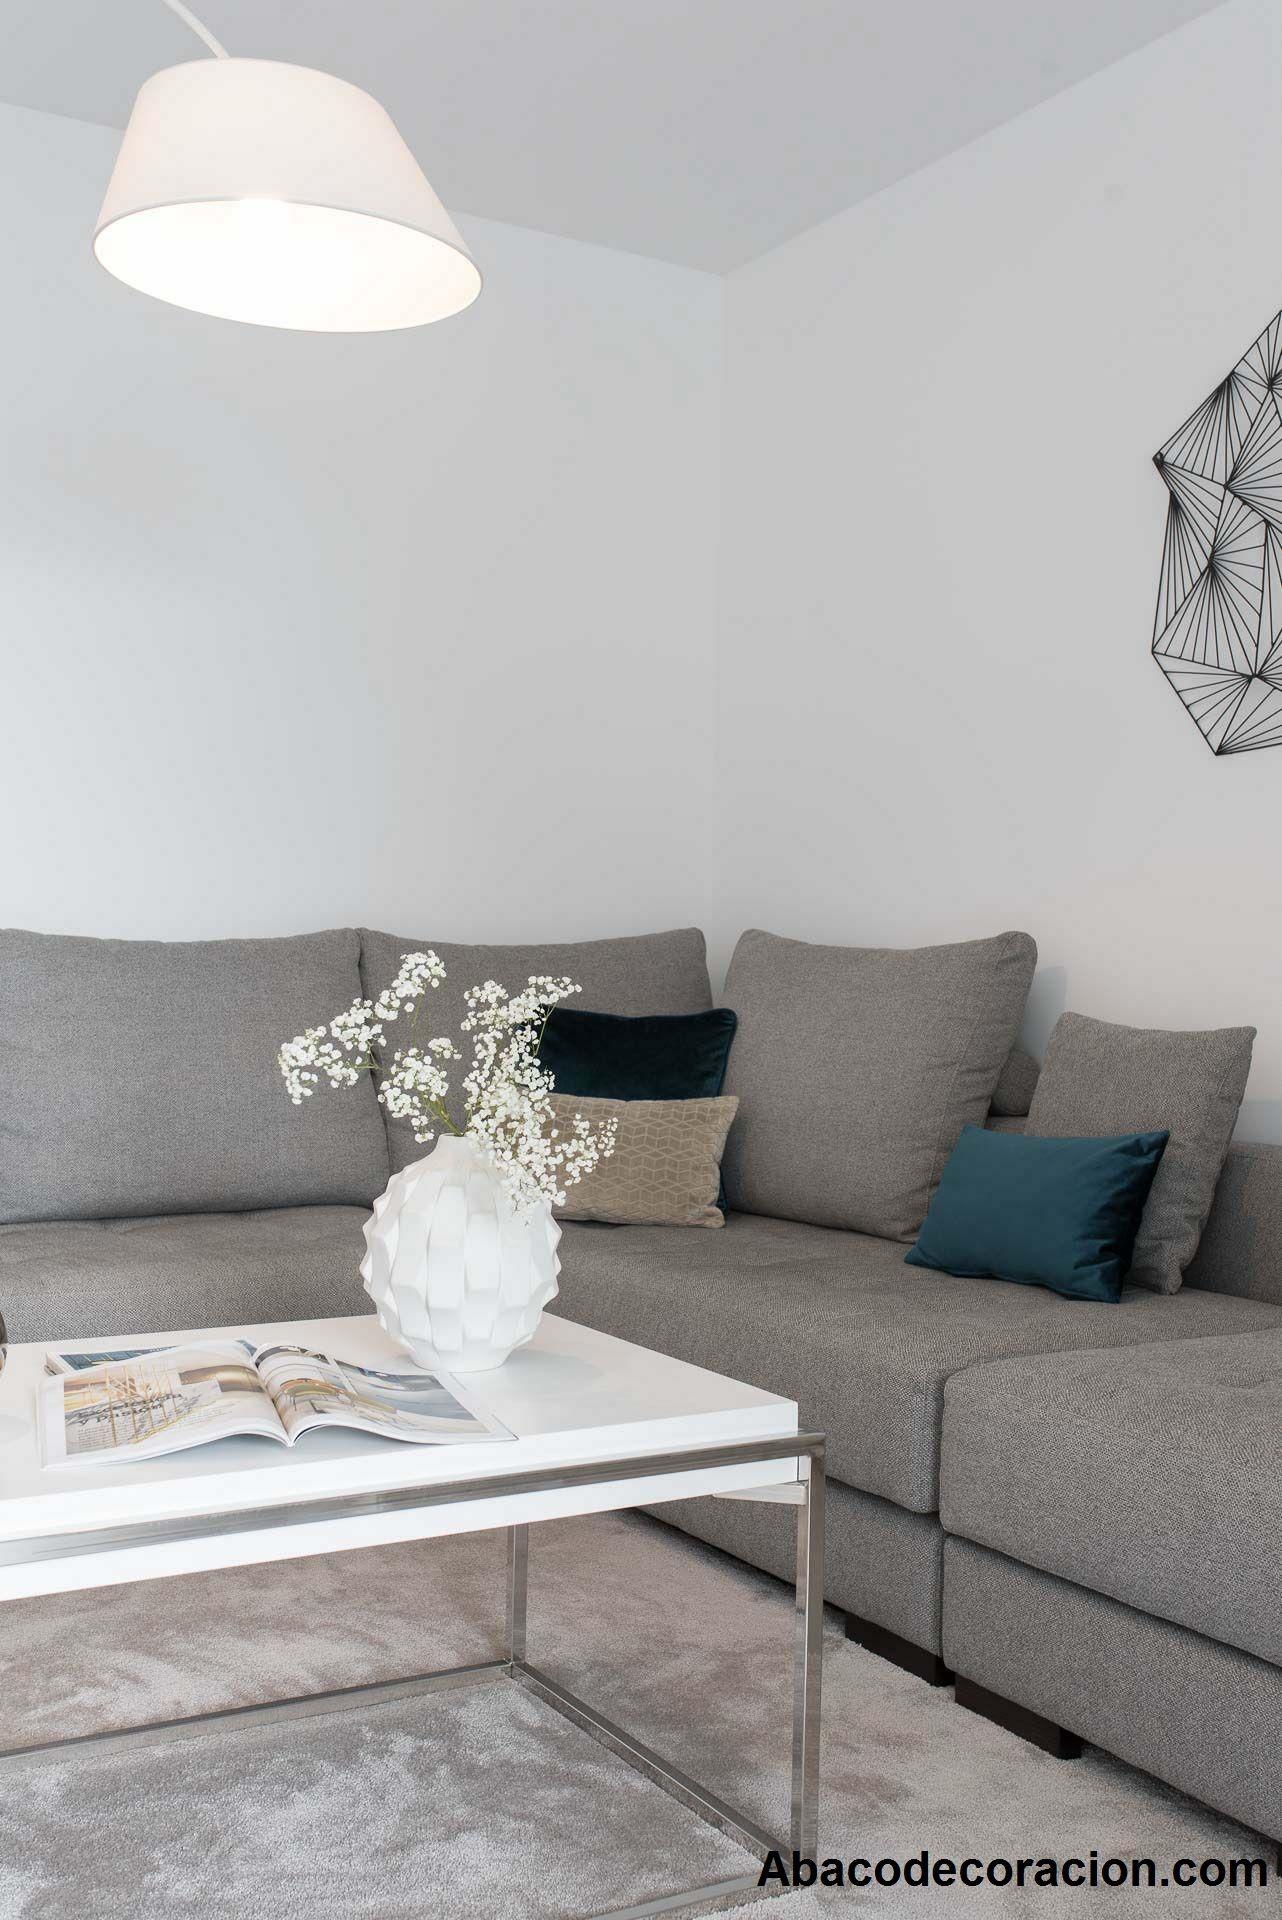 Proyecto de reforma y decoraci n de vivienda de estilo for Viviendas estilo minimalista